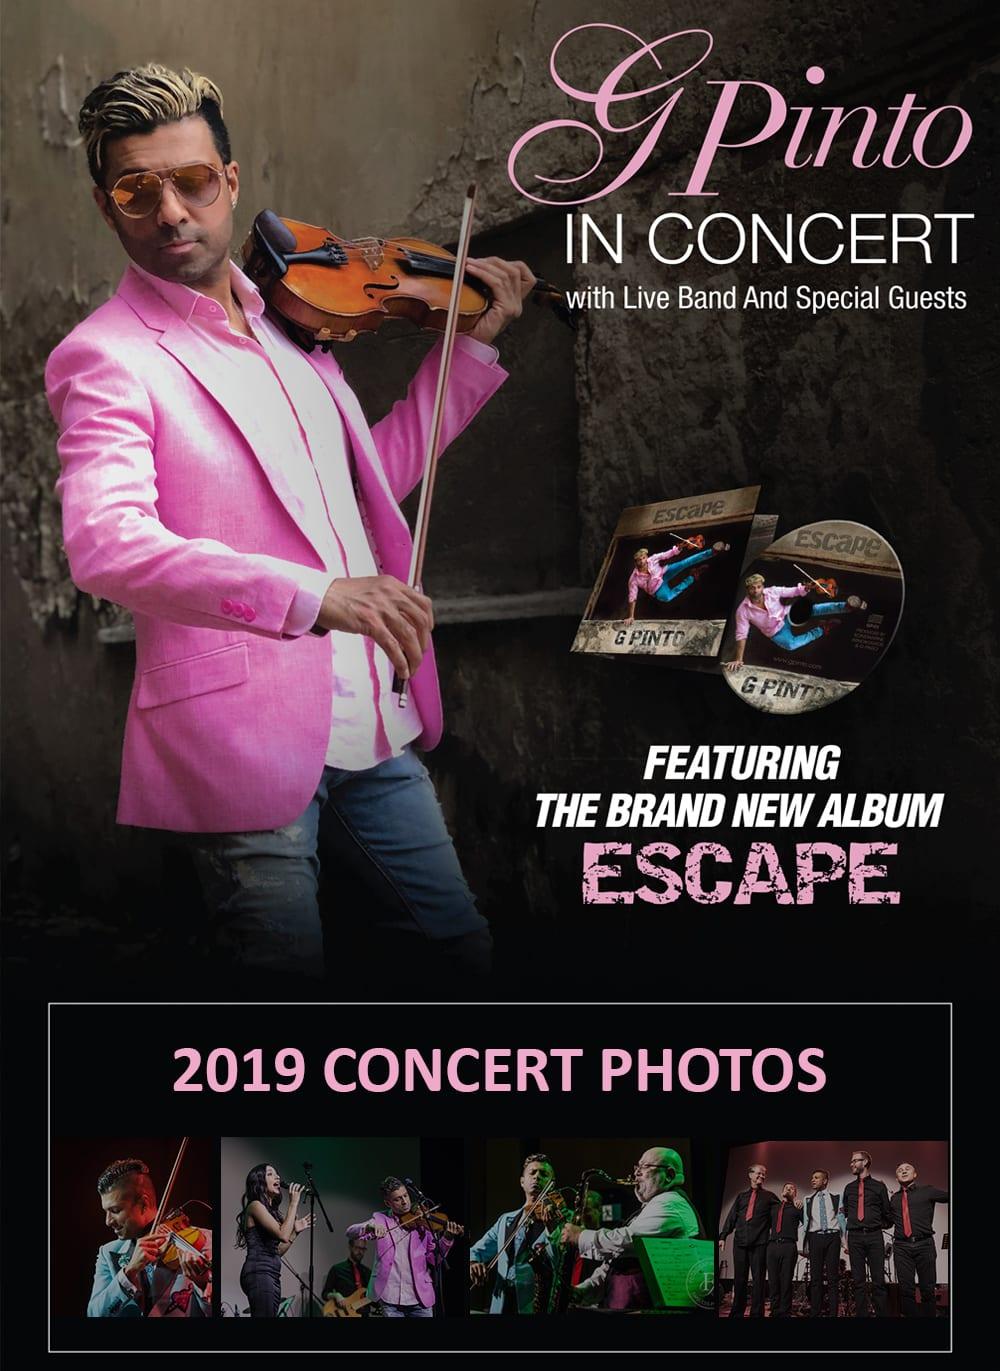 2019 Concert Photos